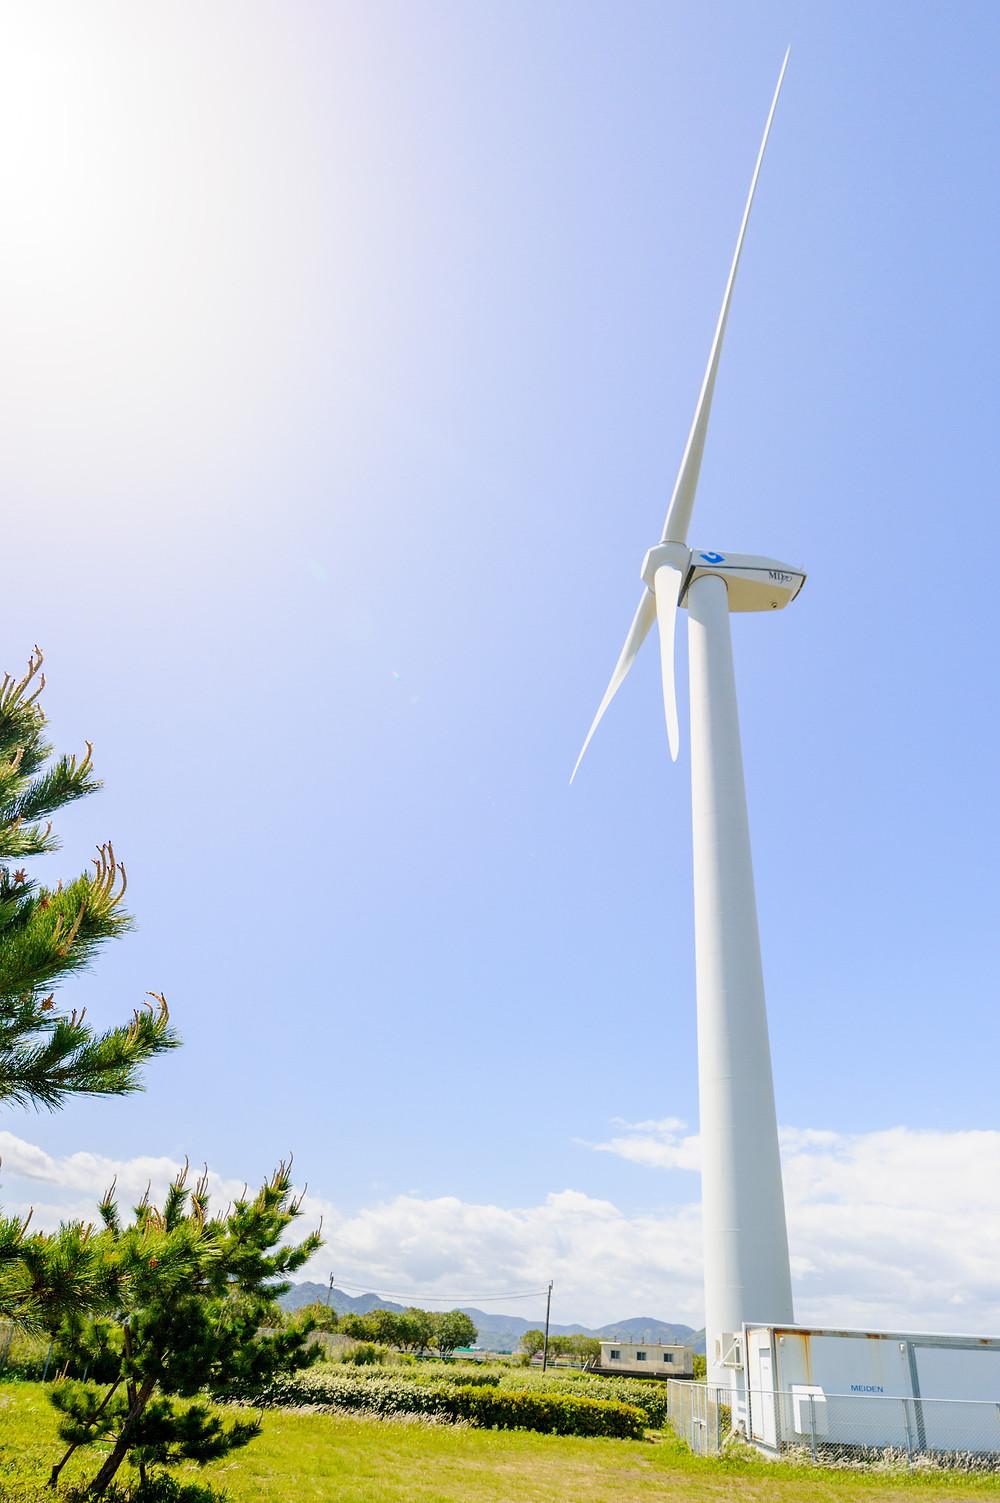 エネルギーと私たちの暮らし Vol.09 次世代エネルギーパークを回ってみた。 静岡市の環境学習プログラム 風電君